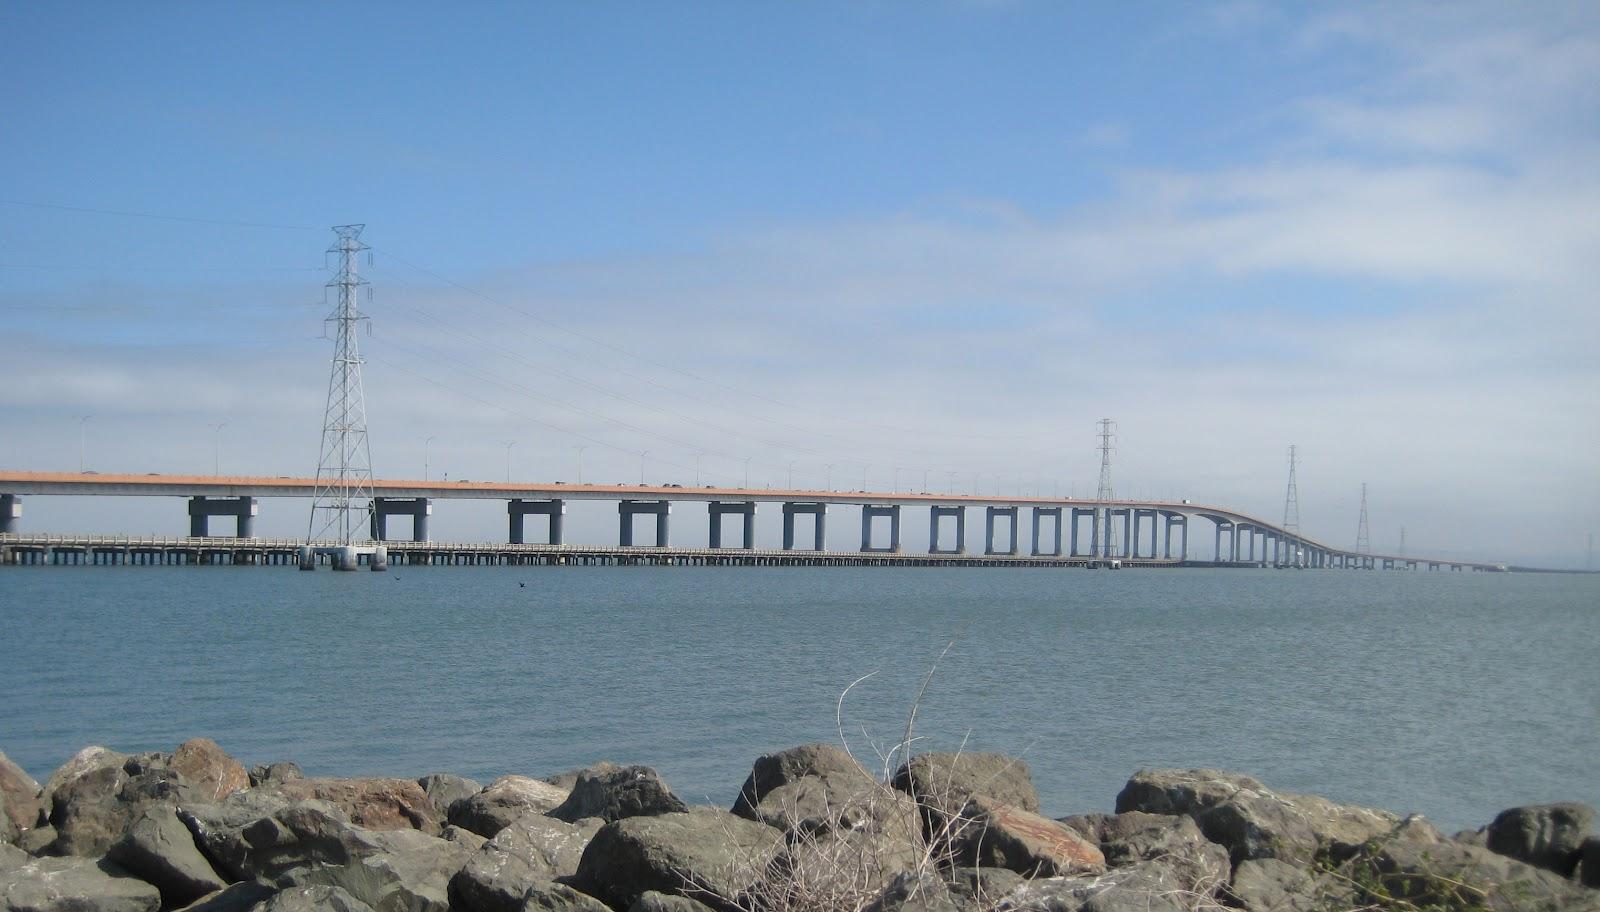 City Of San Leandro >> Puente San Mateo-Hayward - Megaconstrucciones, Extreme ...